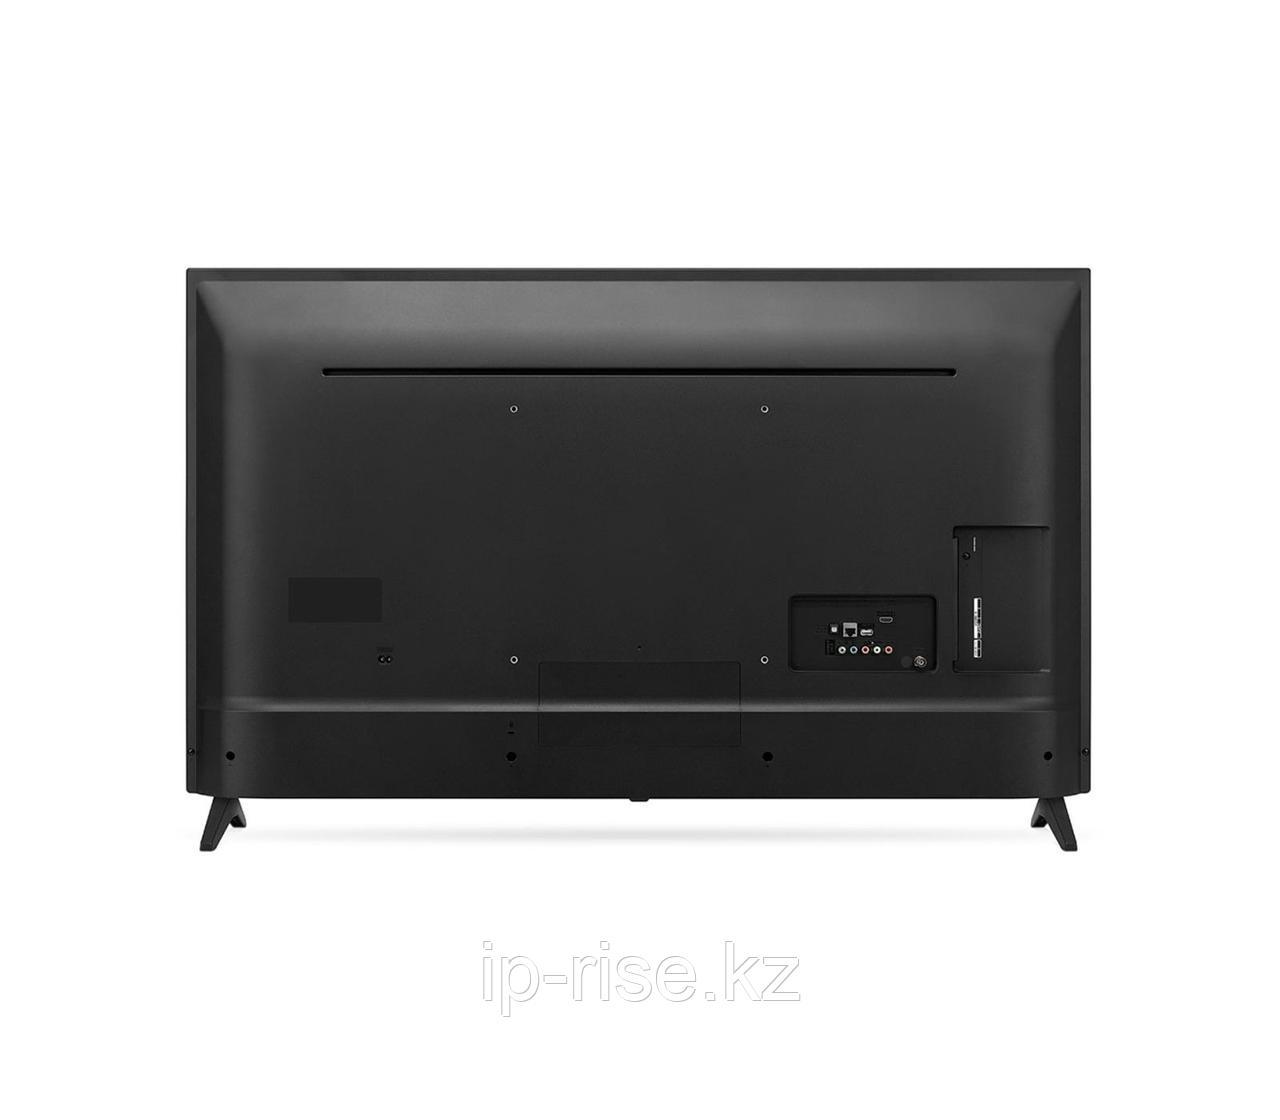 Телевизор LG 43LM5700PLA - фото 3